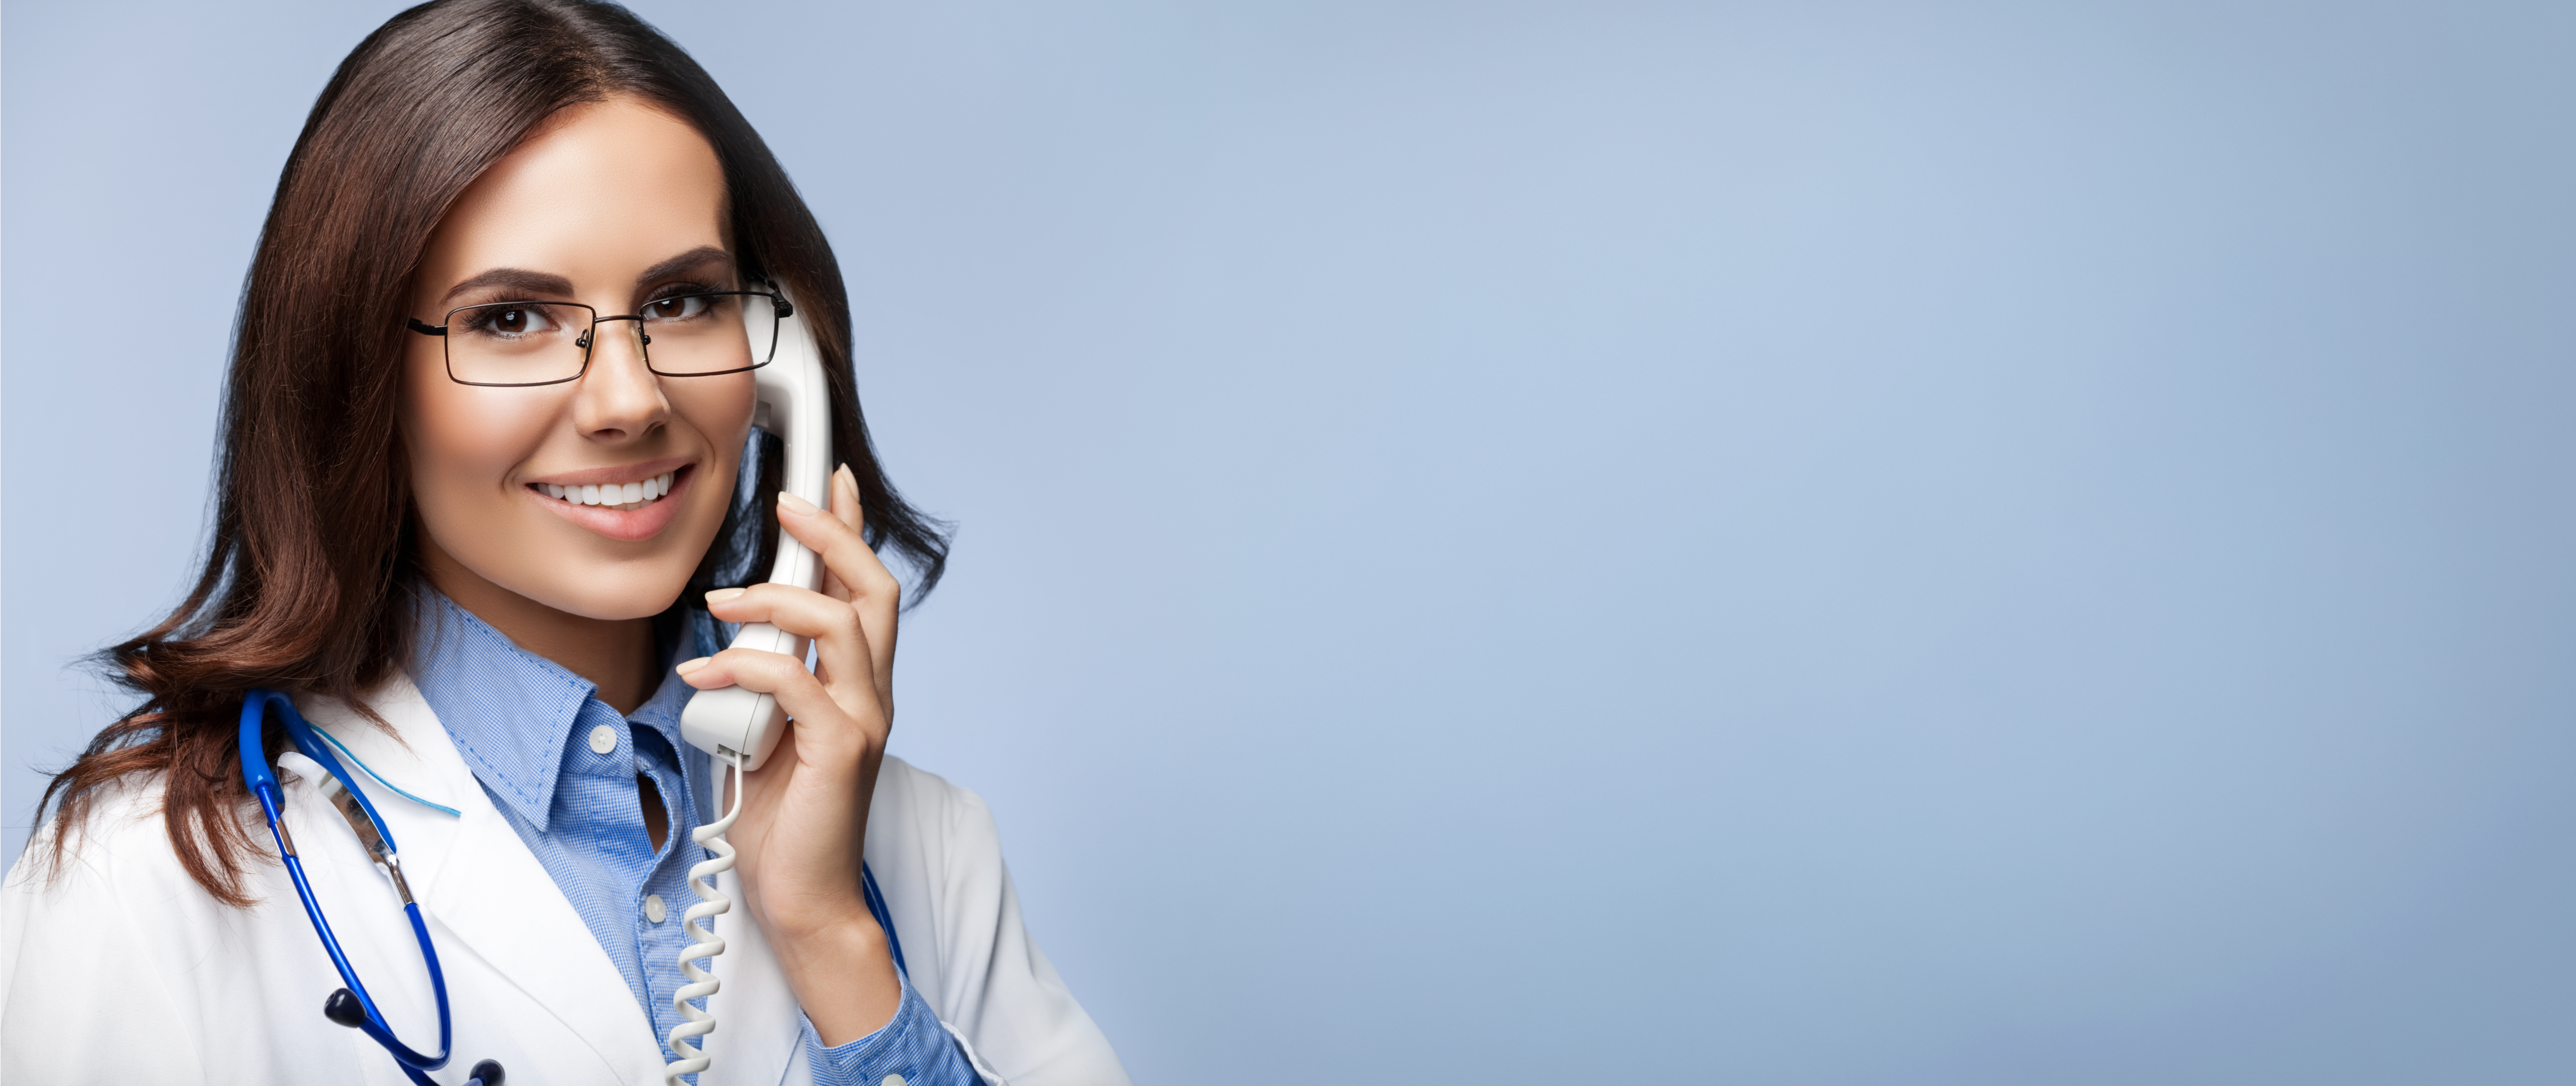 médico-mujer-hablando-por-telefono-telemedicina